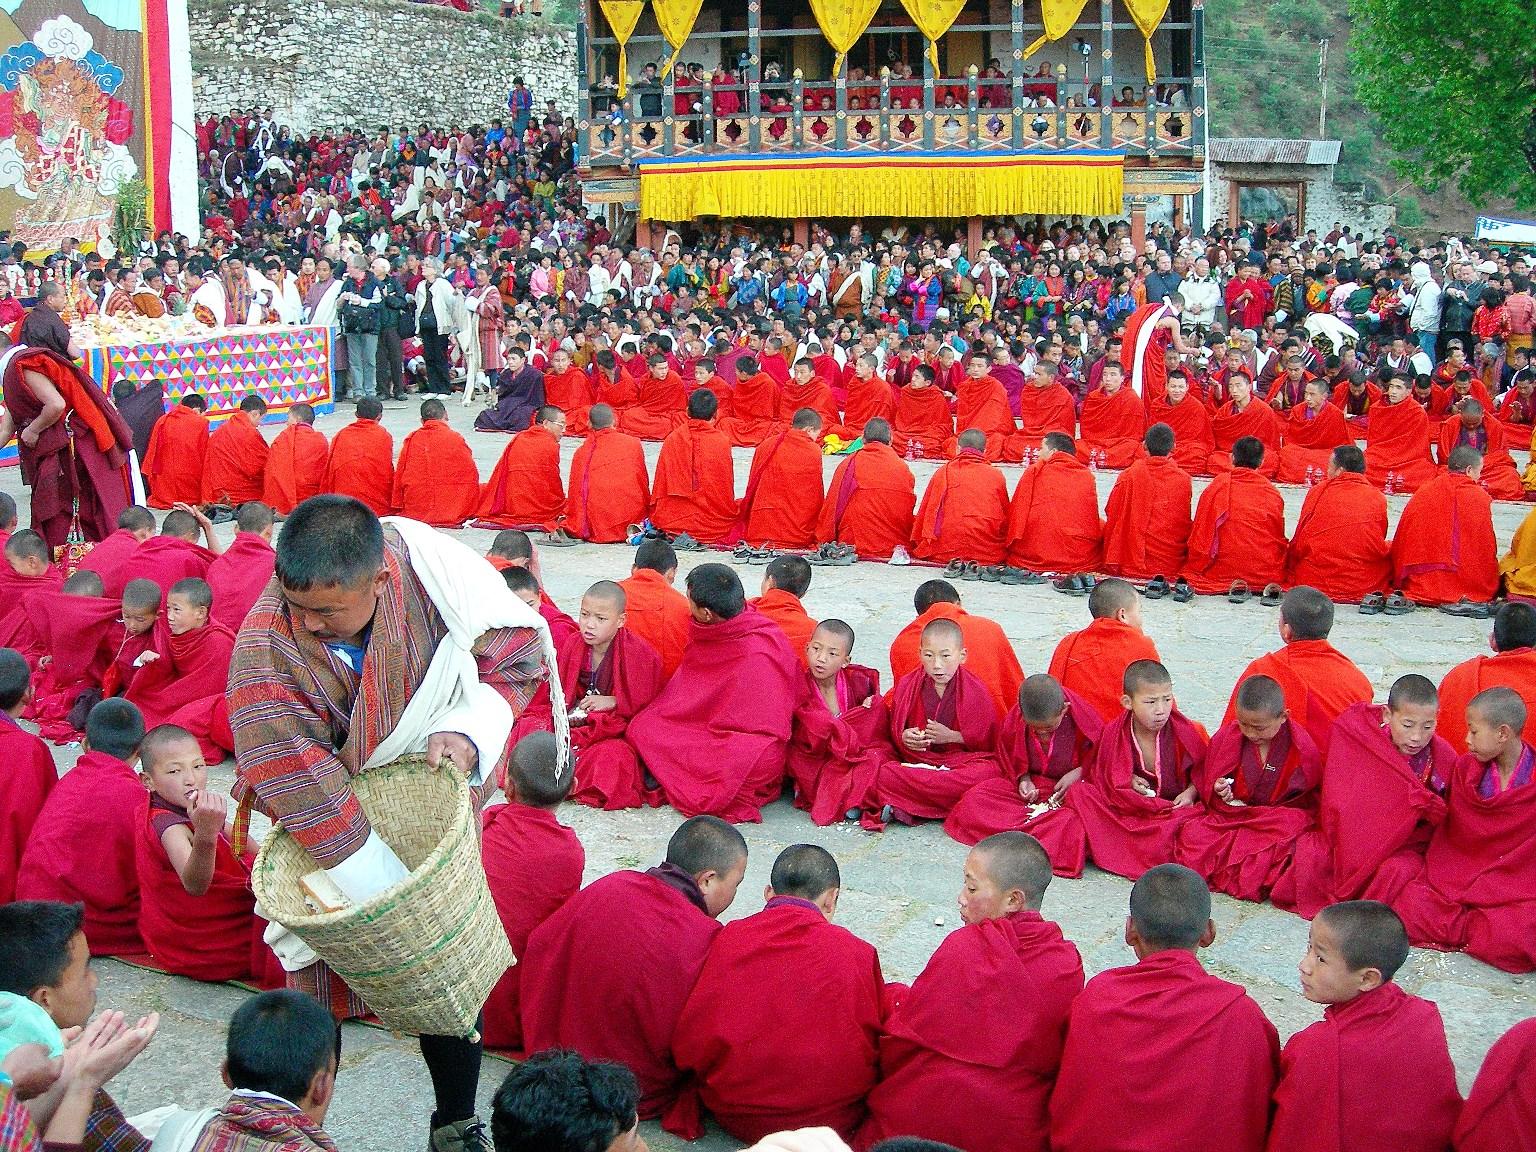 祭りに集まった僧侶たち